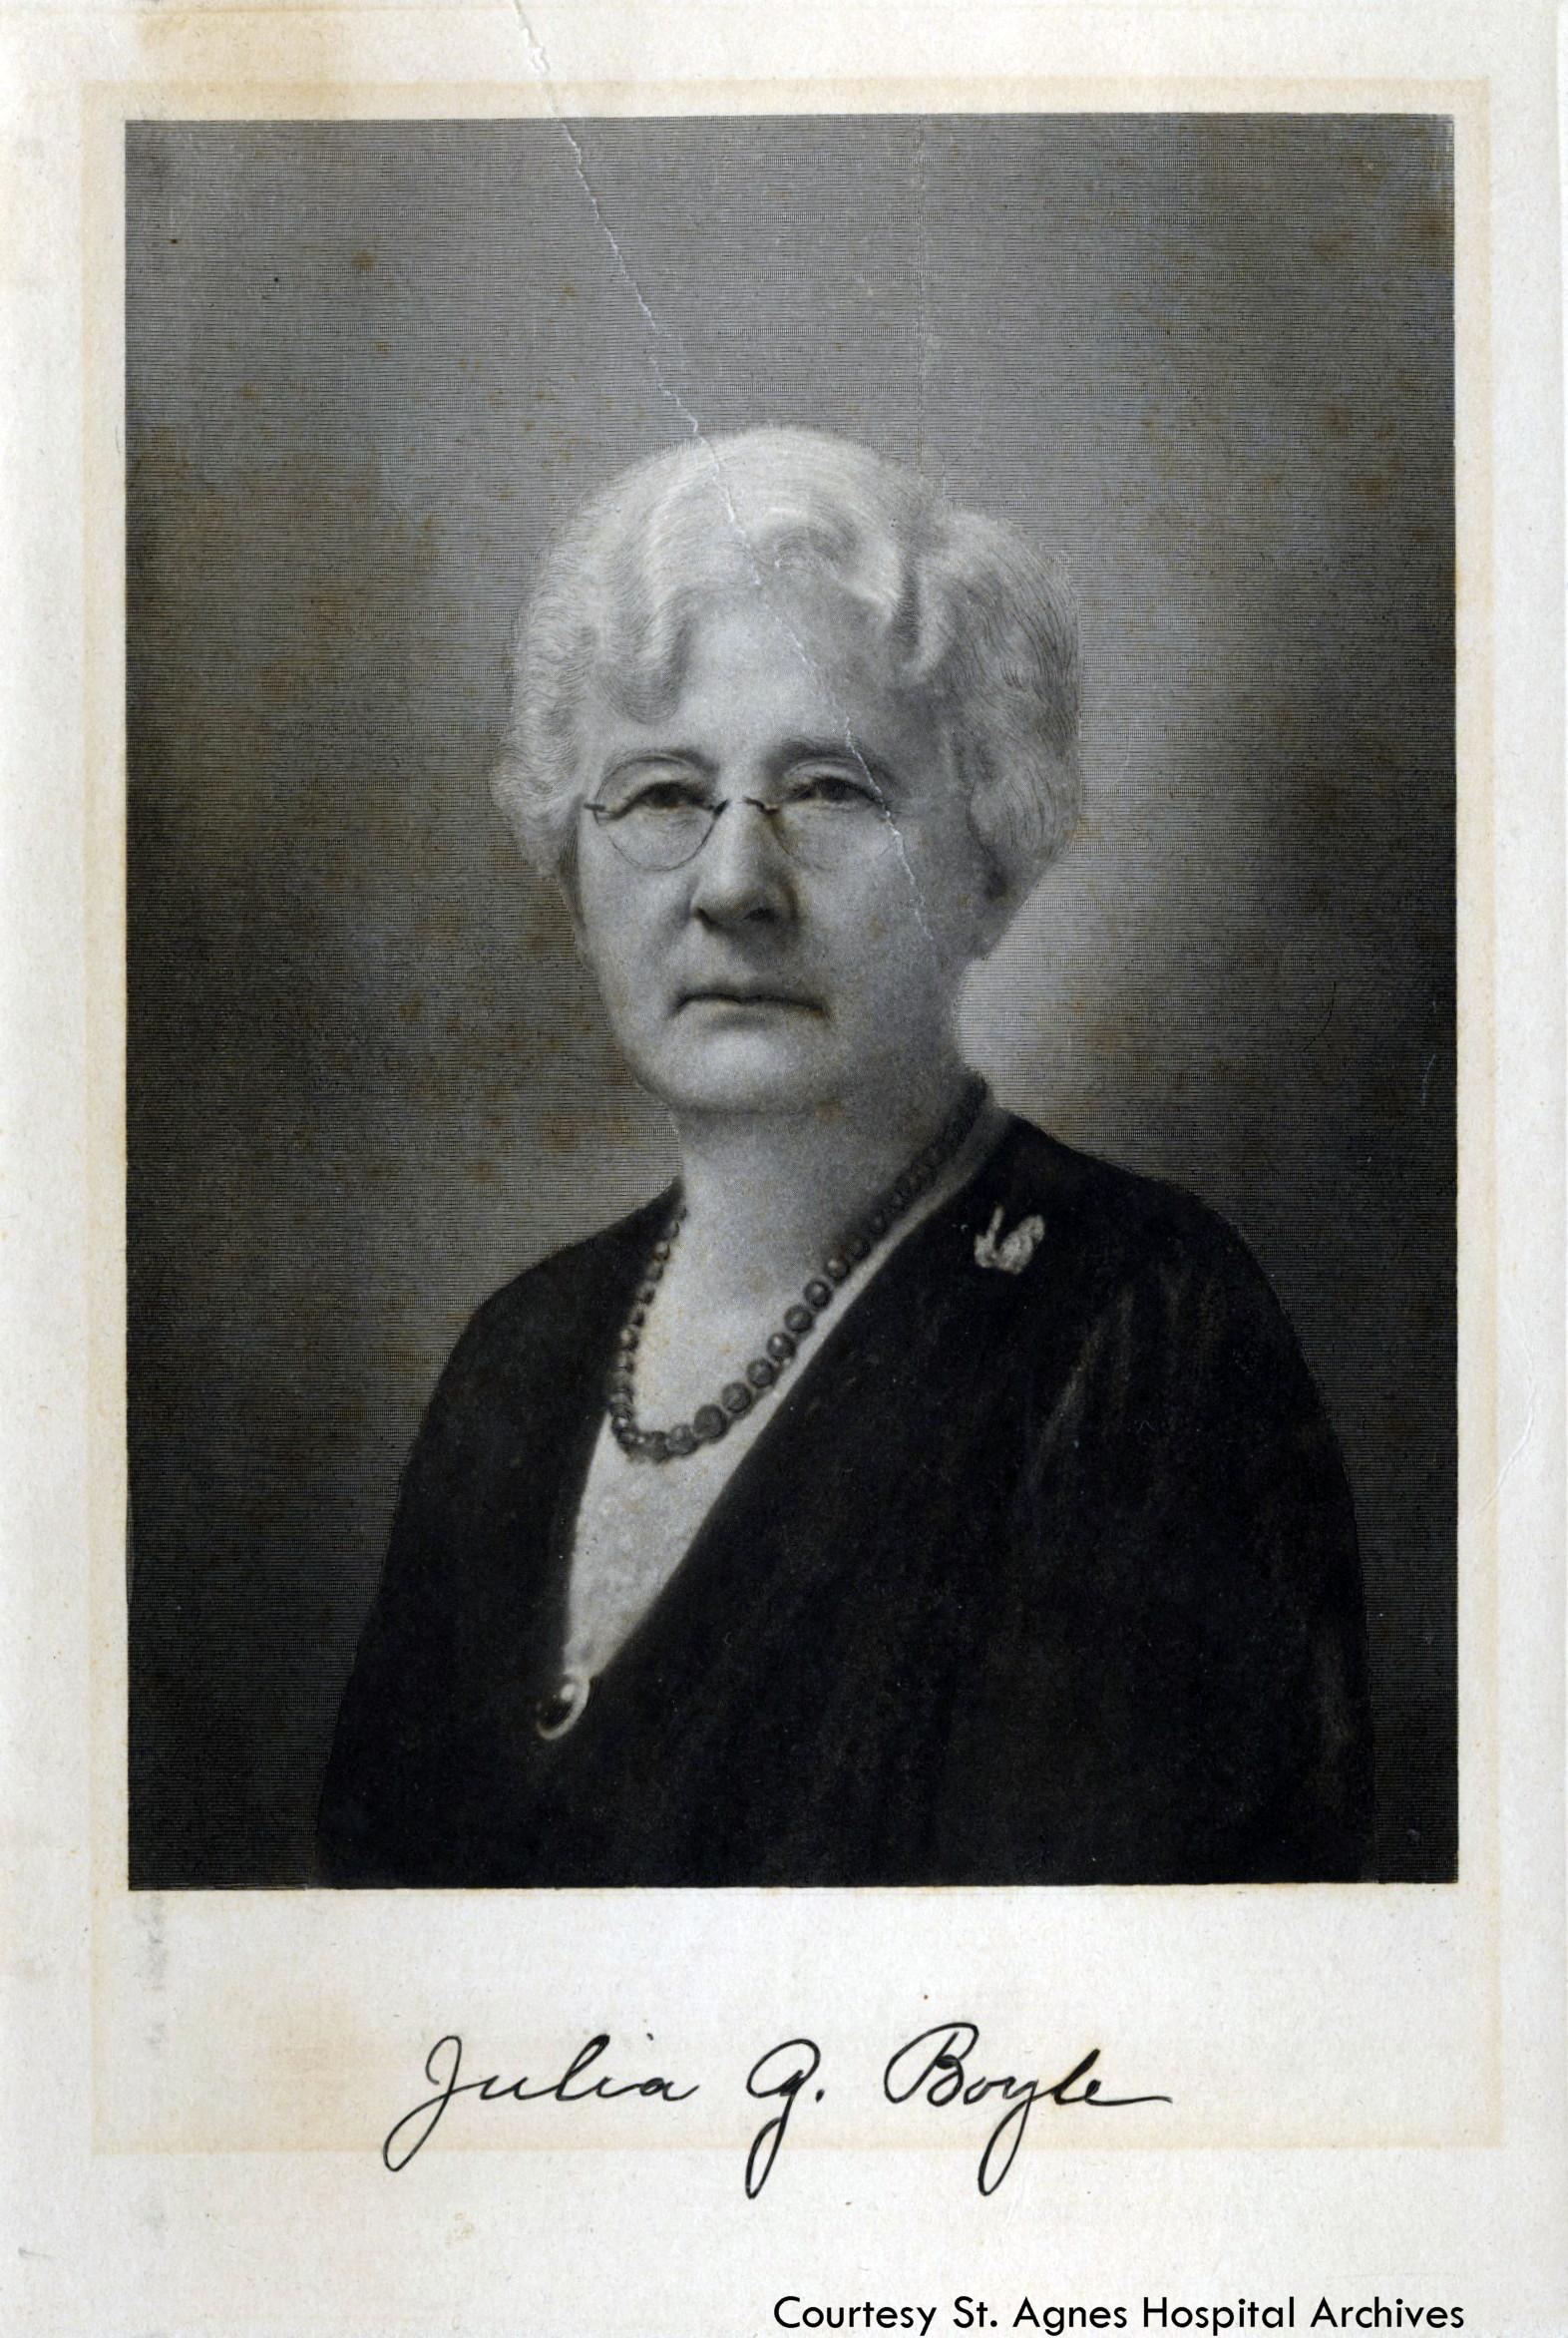 Julia Boyle